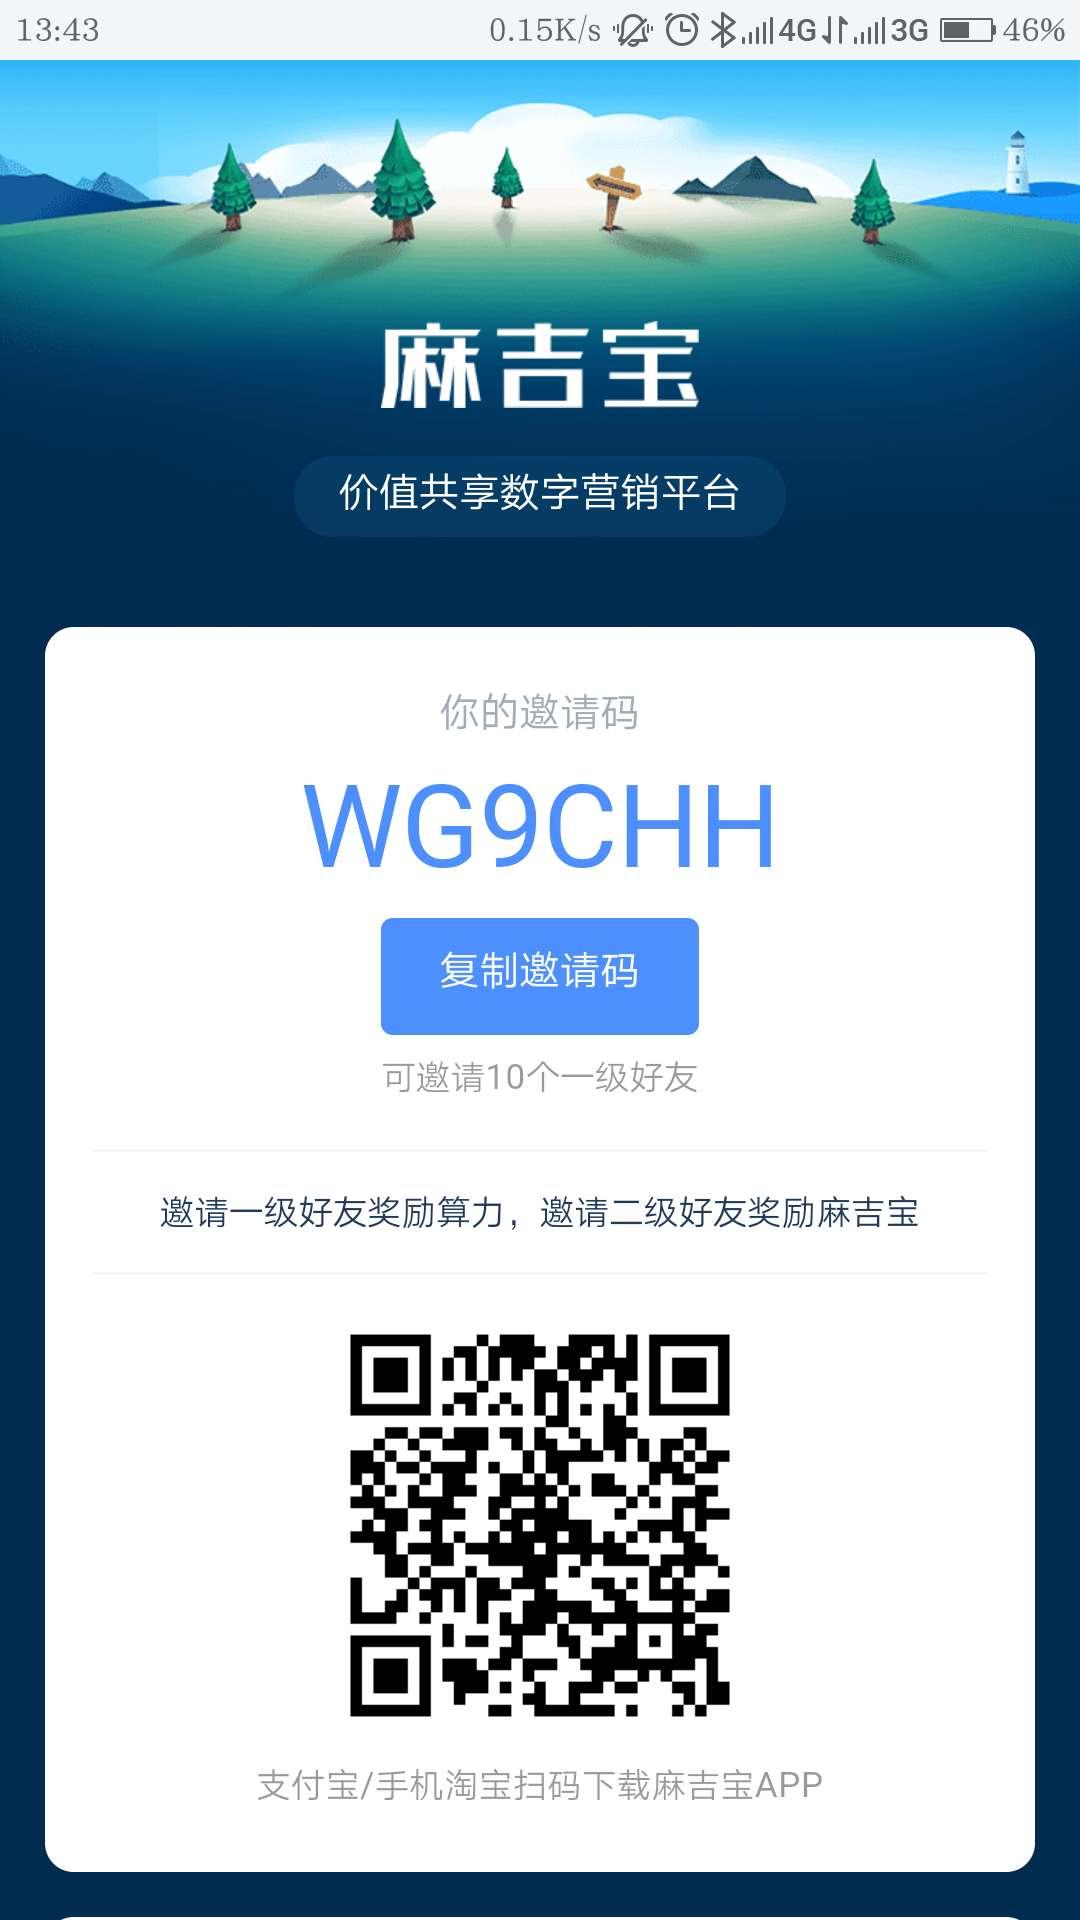 阿里麻吉宝创世内测开启,马云麻吉宝邀请码:WG9CHH。麻吉宝是淘宝客系统